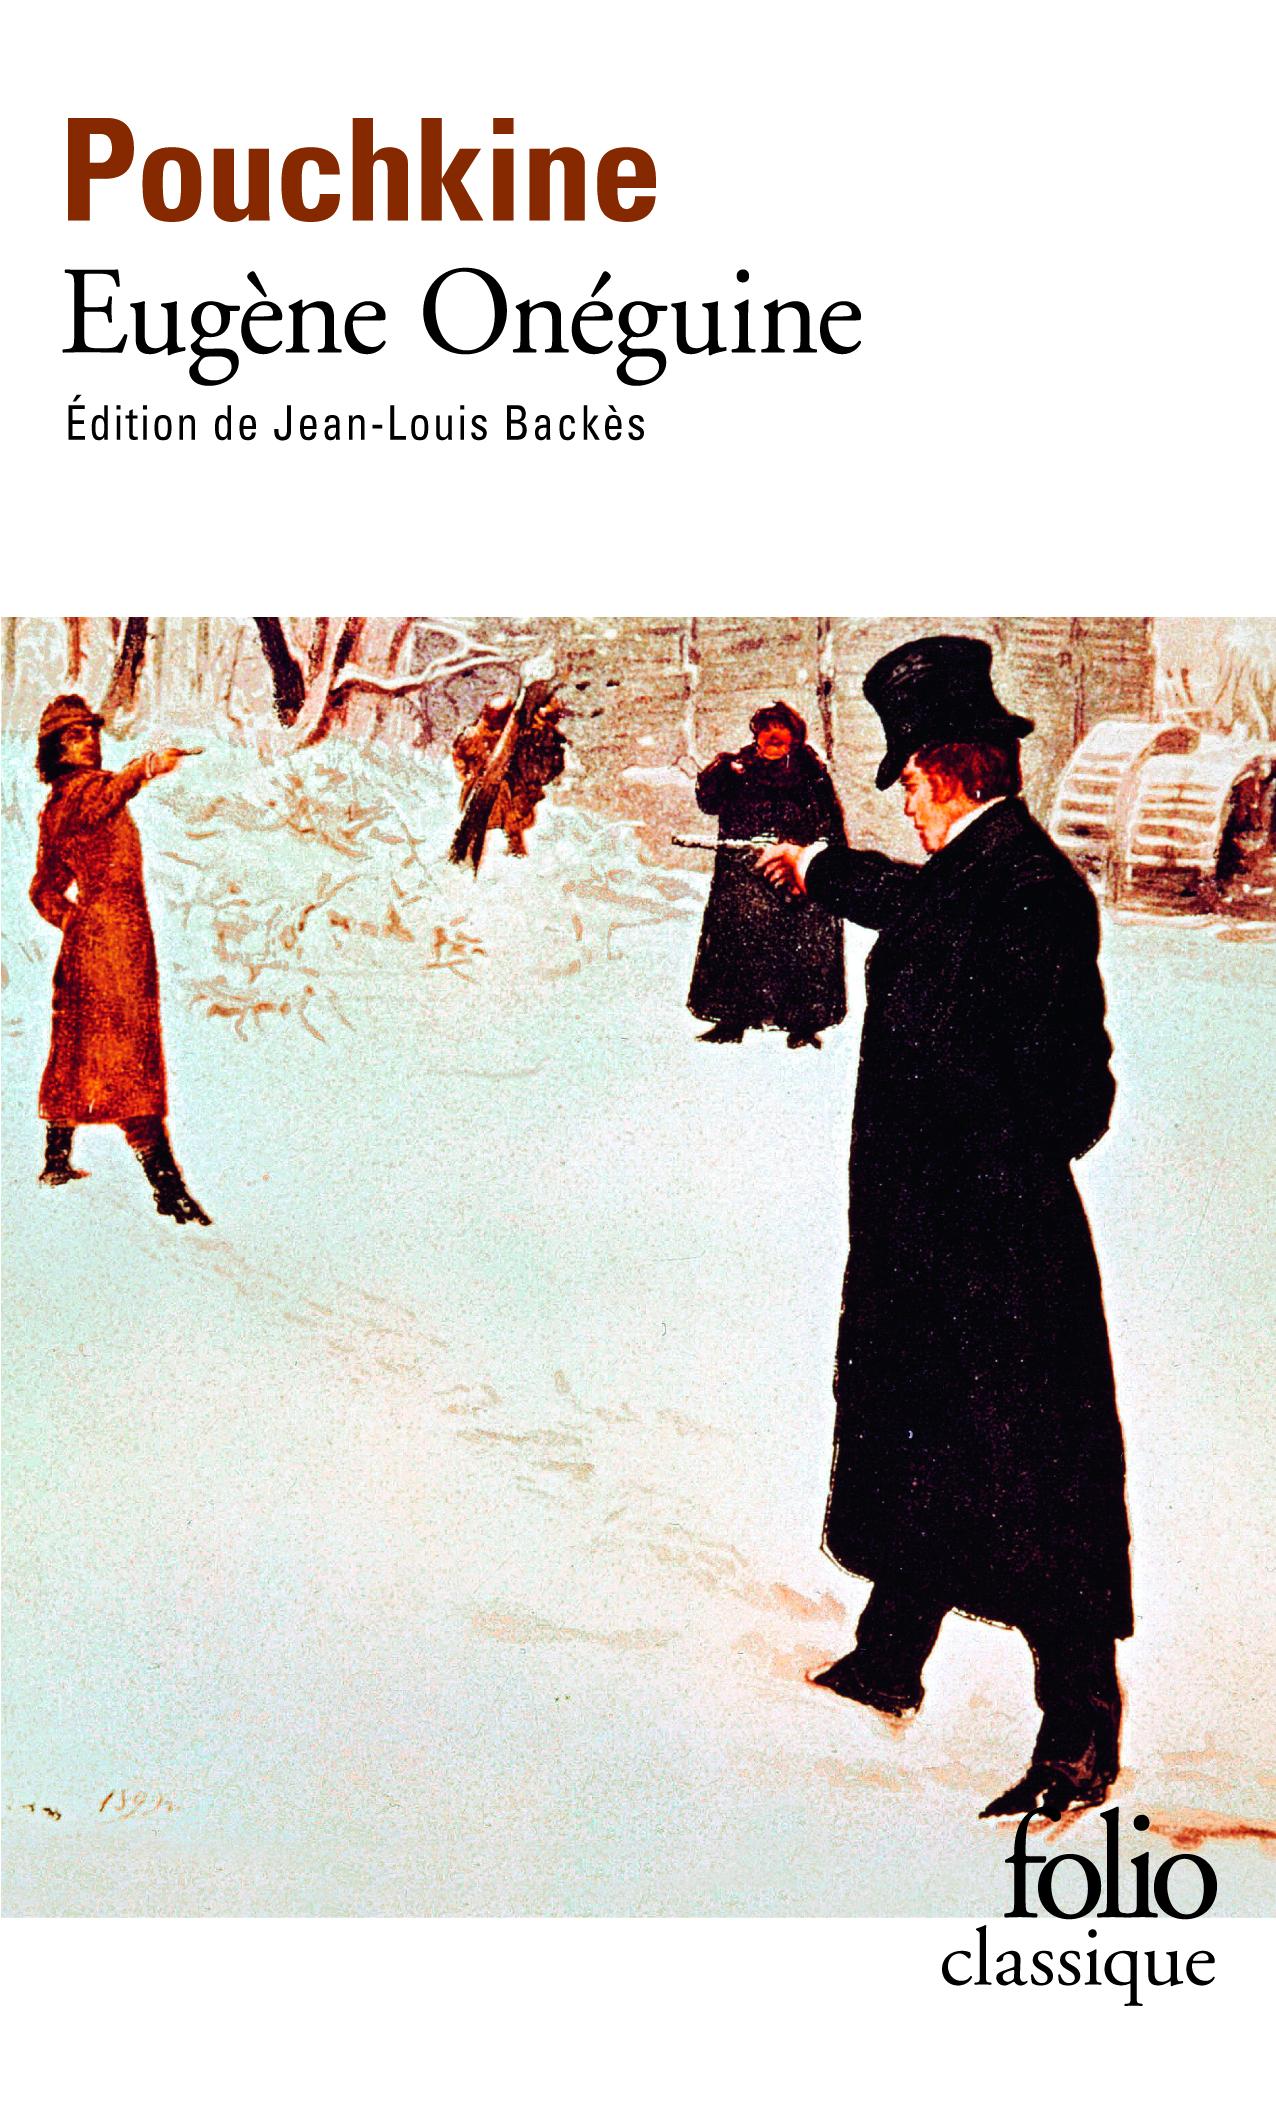 Eugène Onéguine Folio Classique Folio Gallimard Site